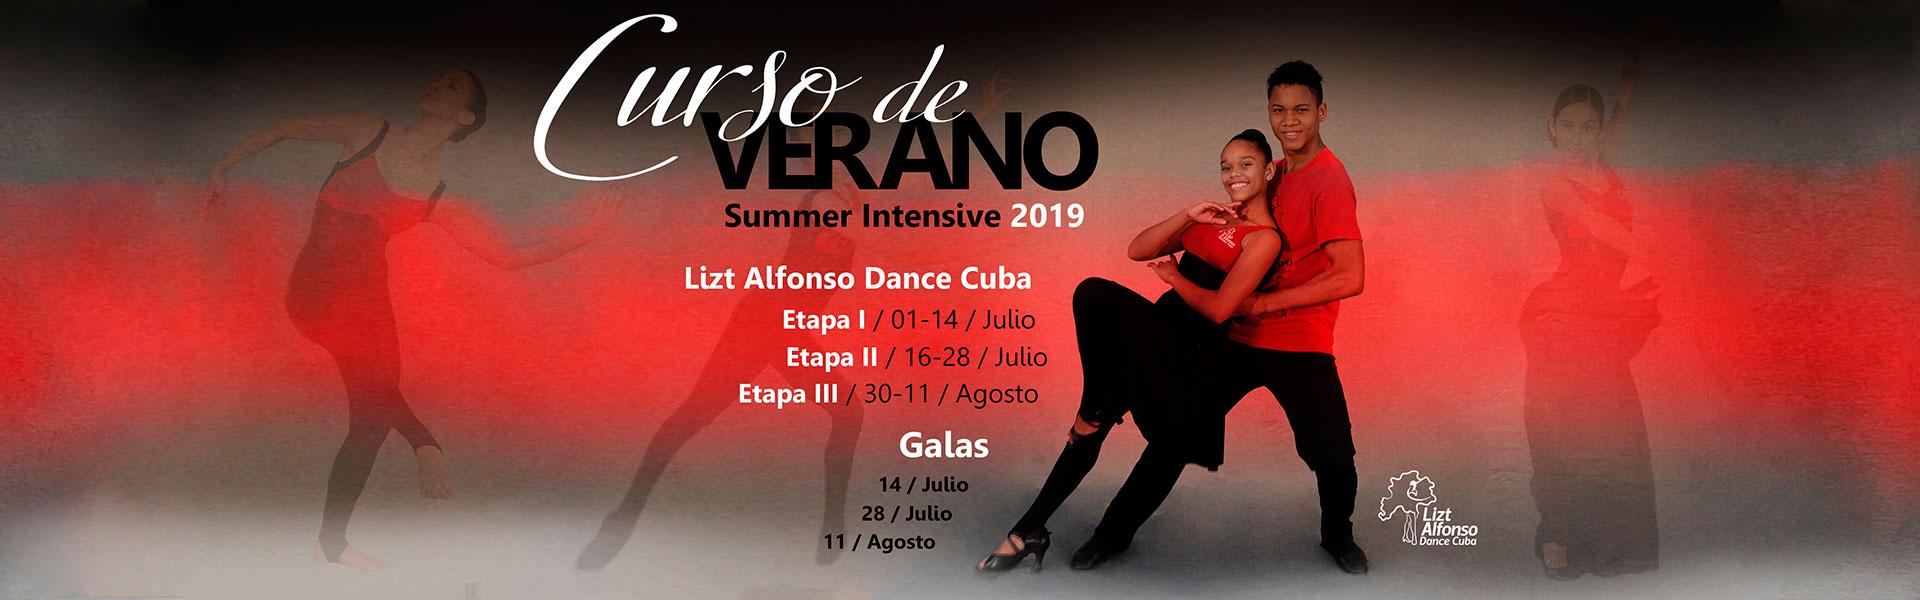 Curso de verano 2019 Lizt Alfonso Dance Cuba